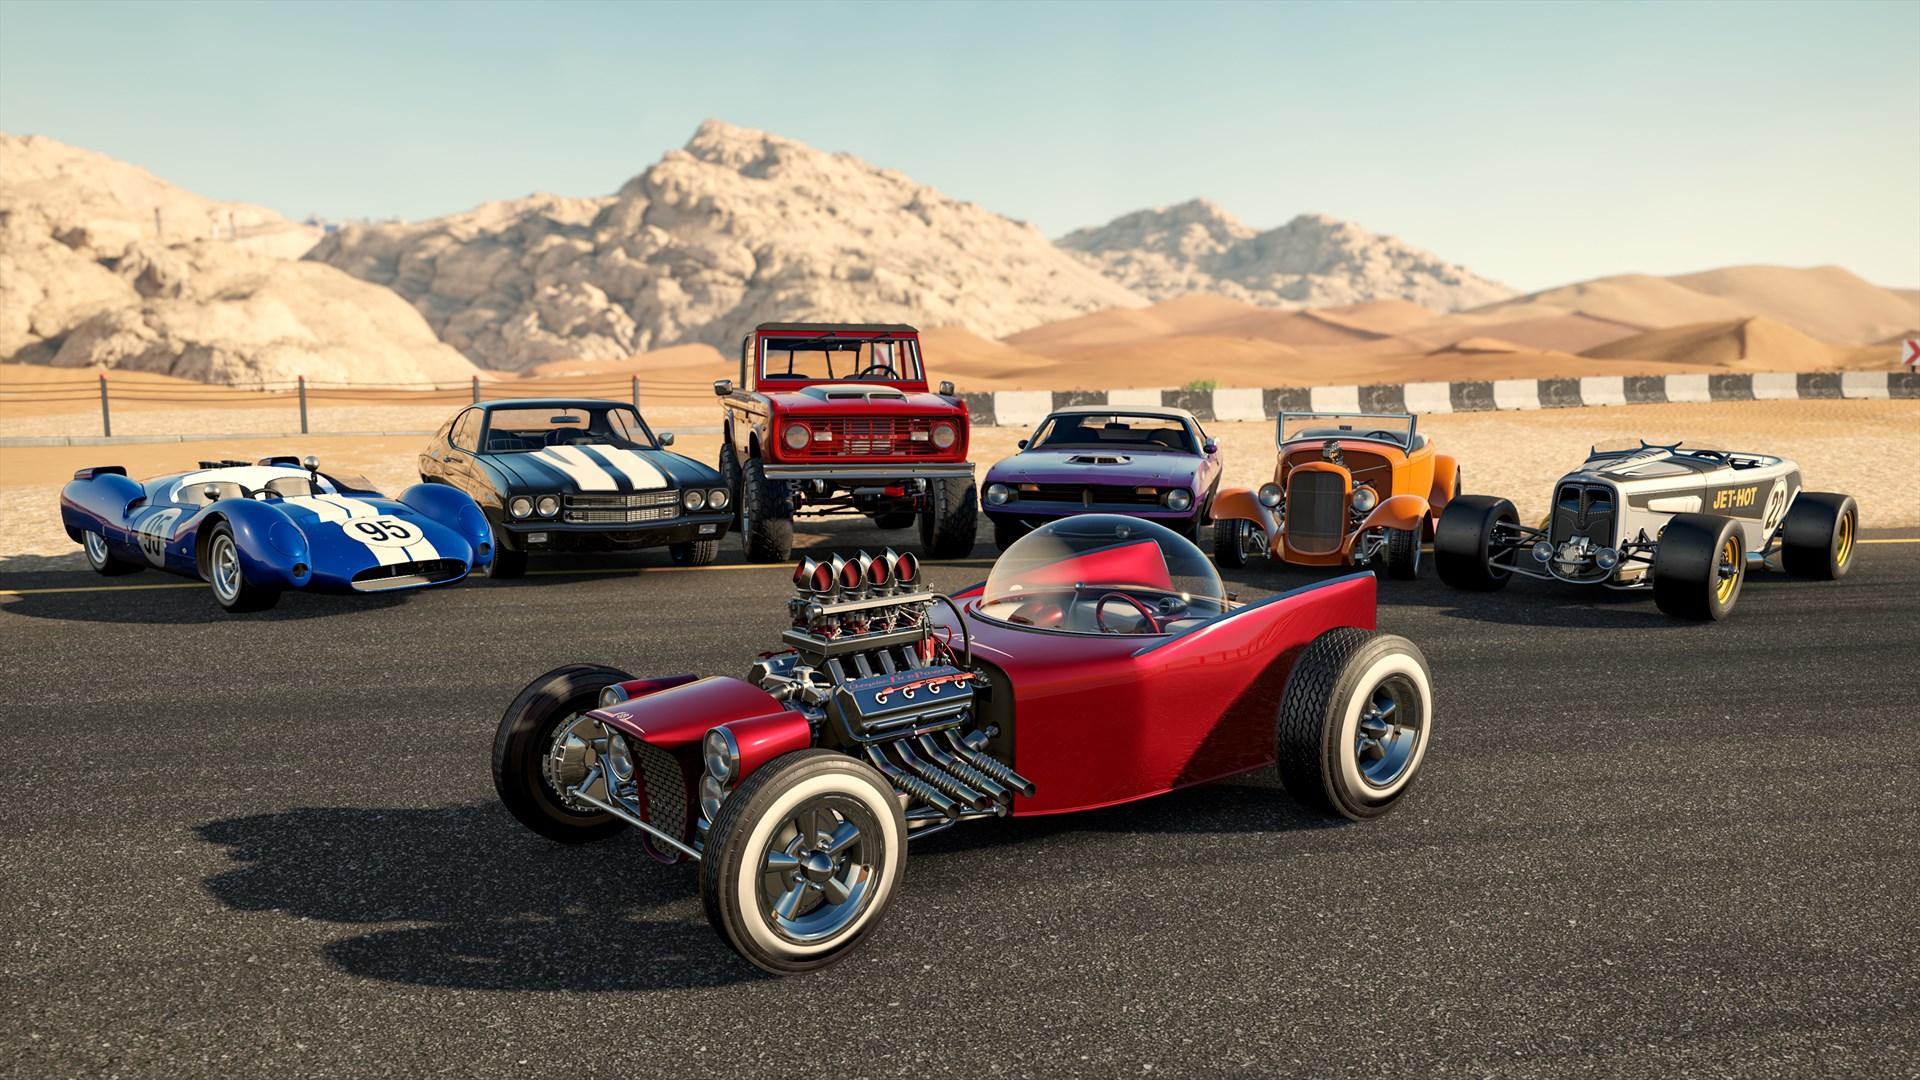 Barrett-Jackson Forza Motorsport 7 Car Pack